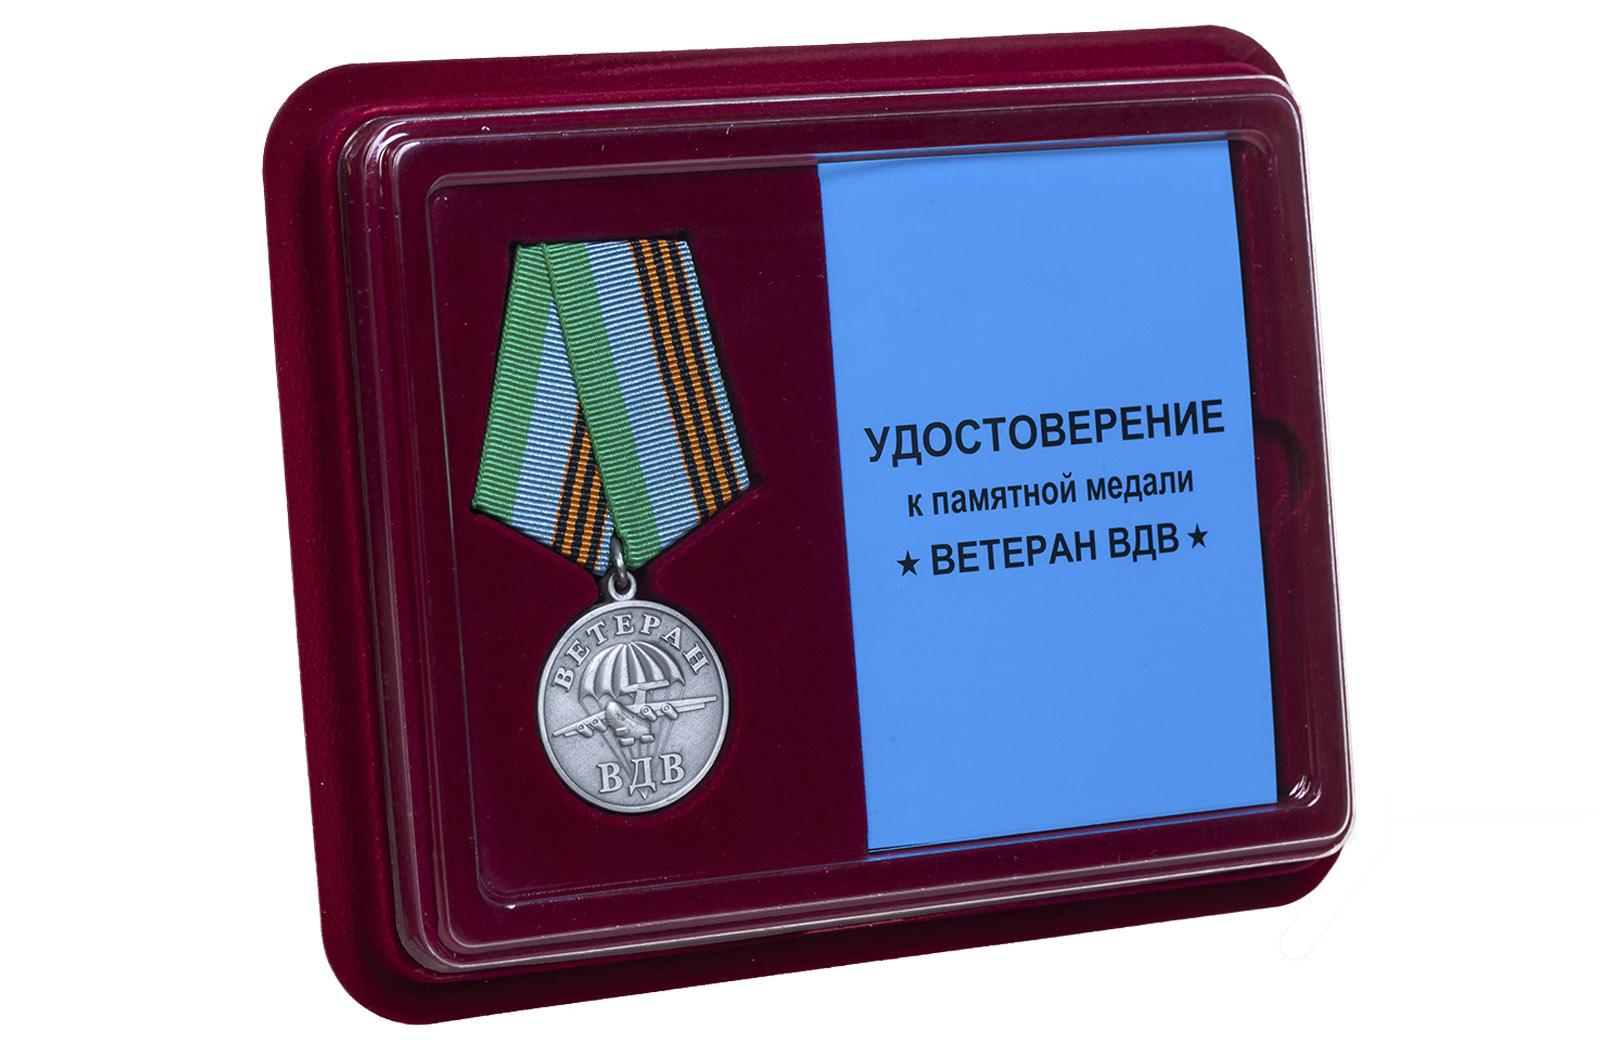 Купить медаль ВДВ Ветеран серебряная в футляре с удостоверением в подарок